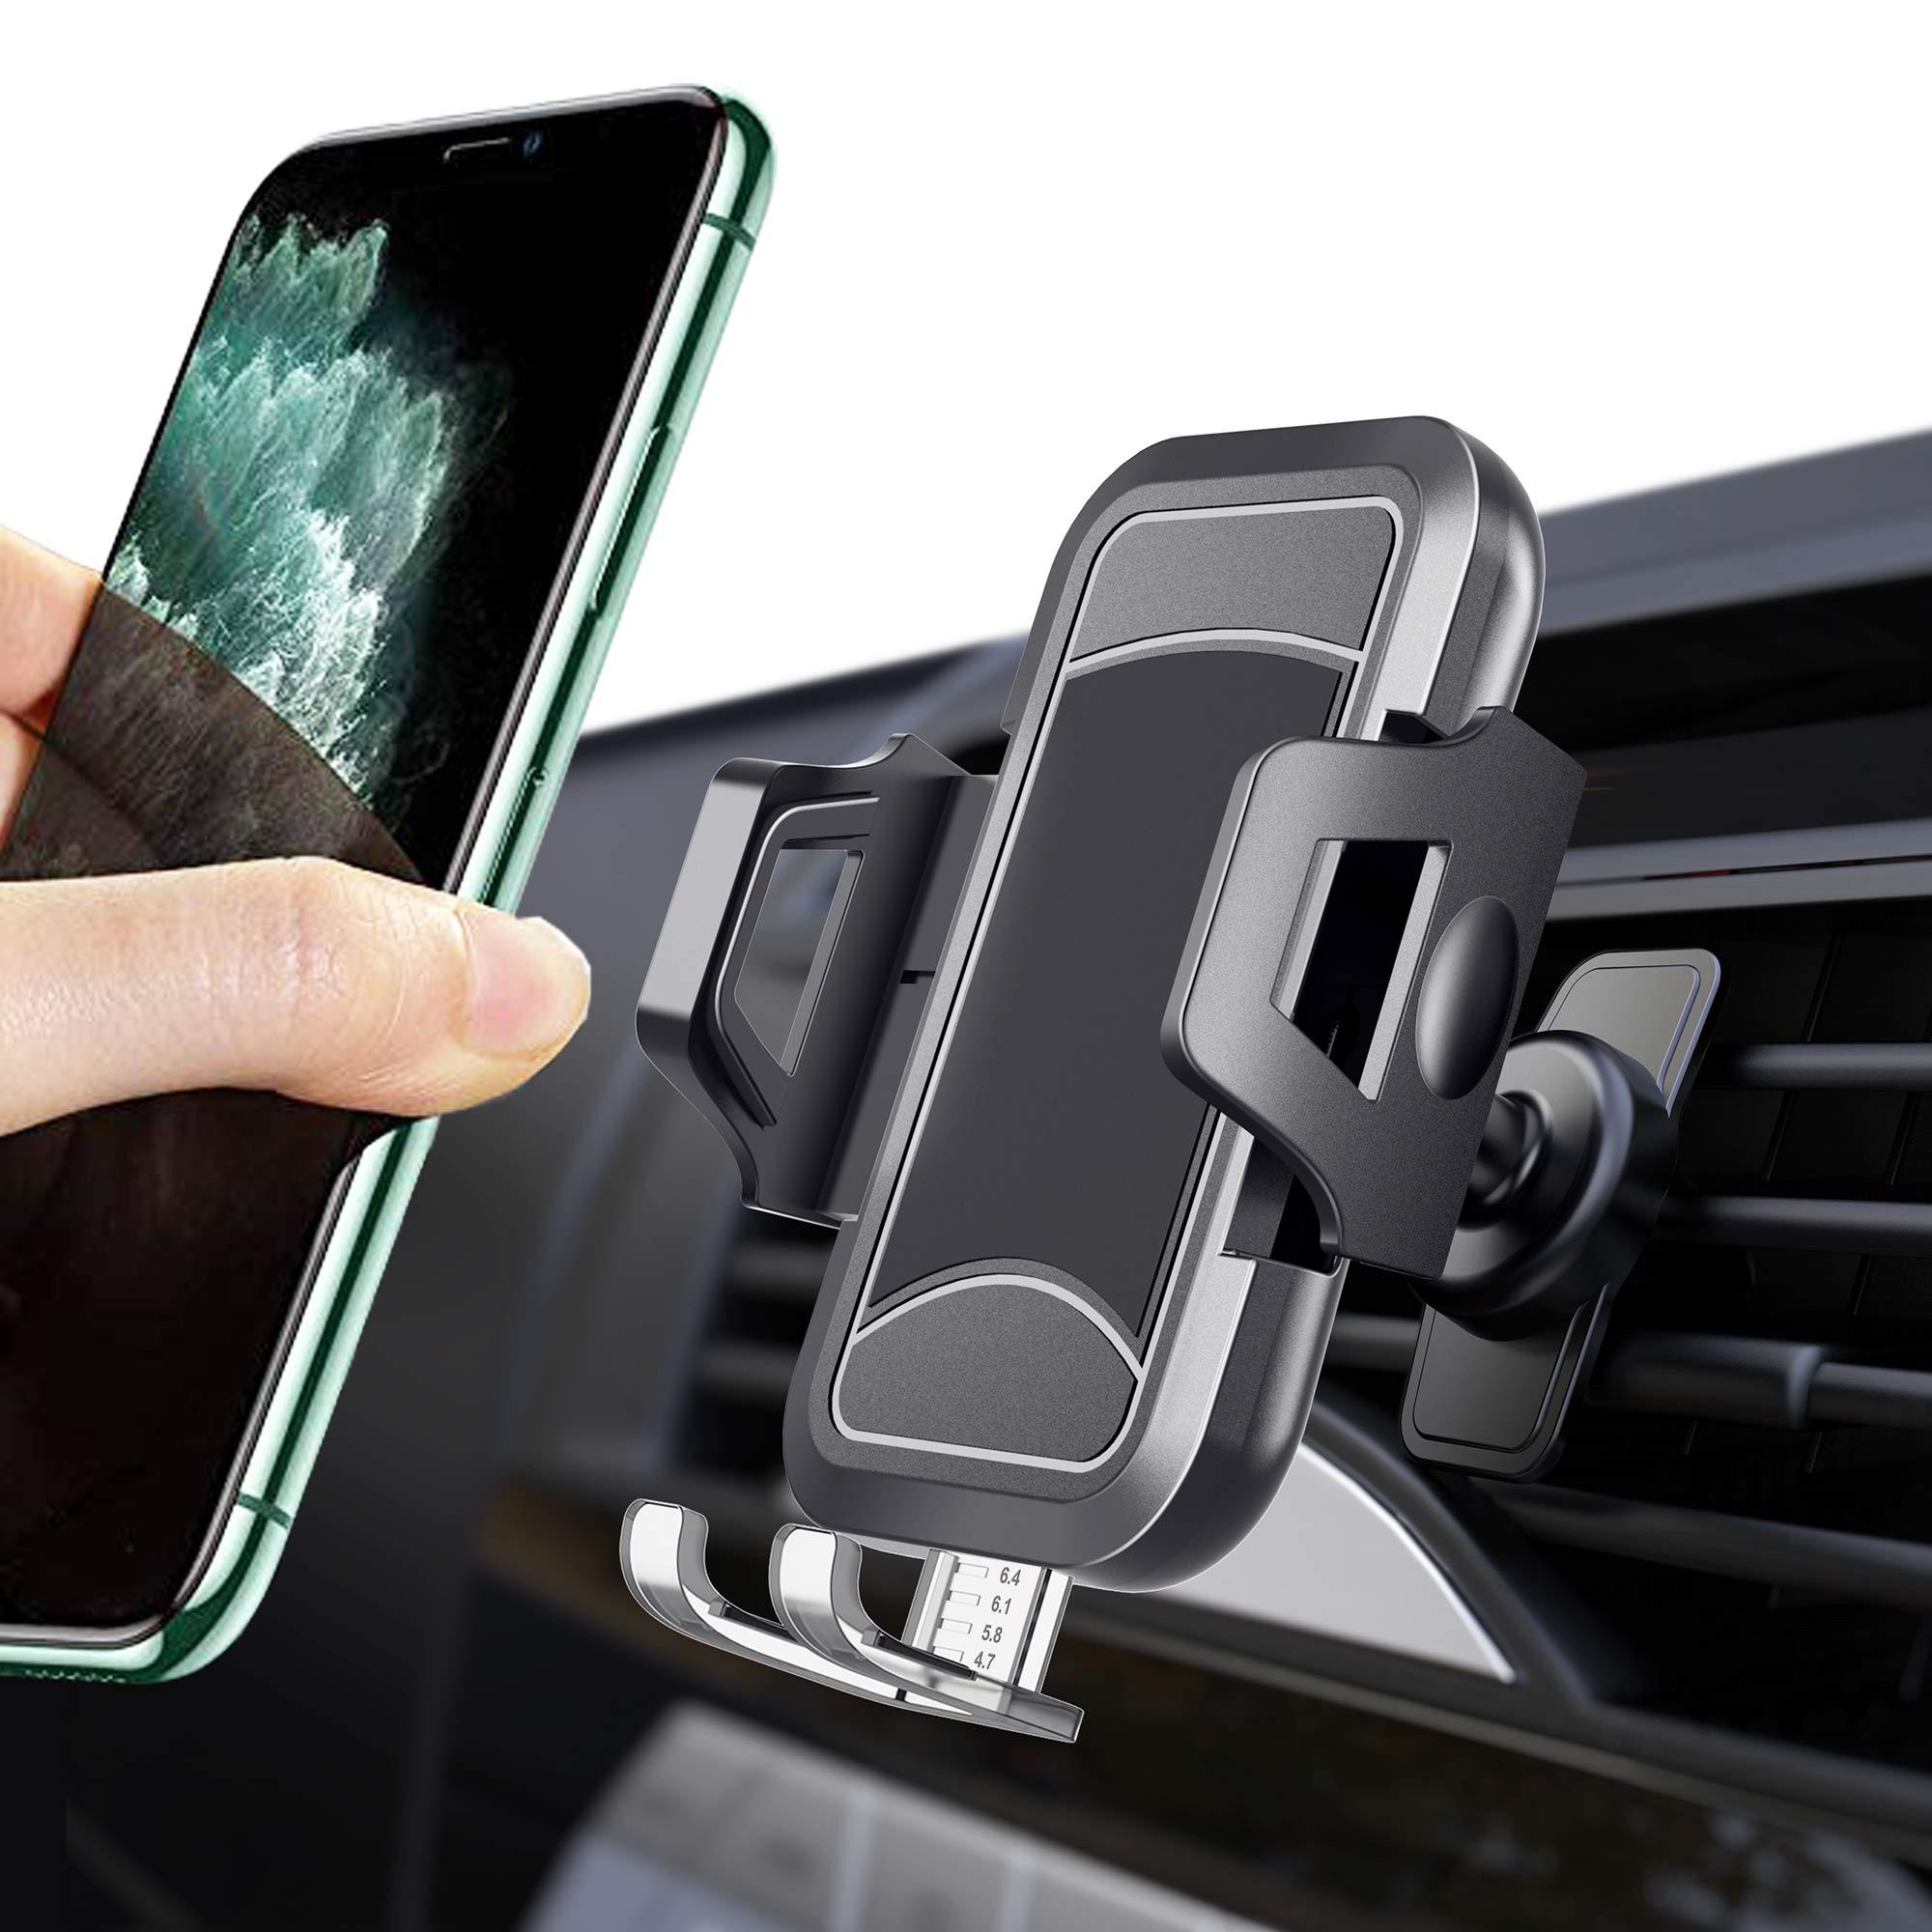 Soporte Celular para Vent. de Autos ICAROAD - 7TYY1V9J